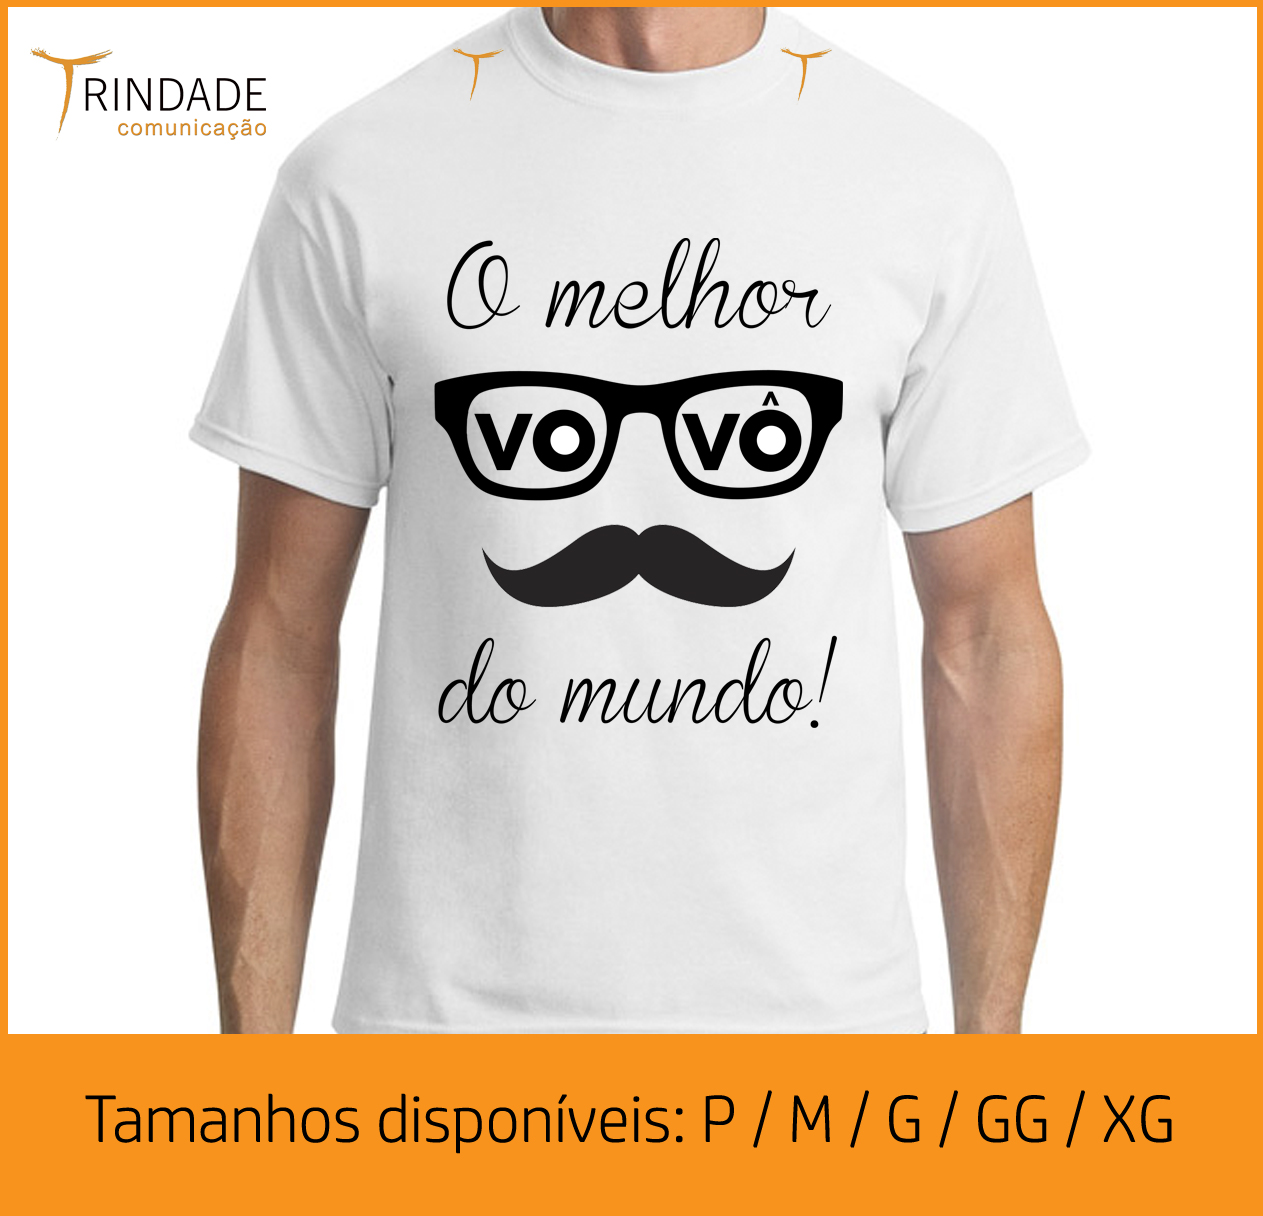 917fc382c1185 Camiseta Melhor Vovo do Mundo